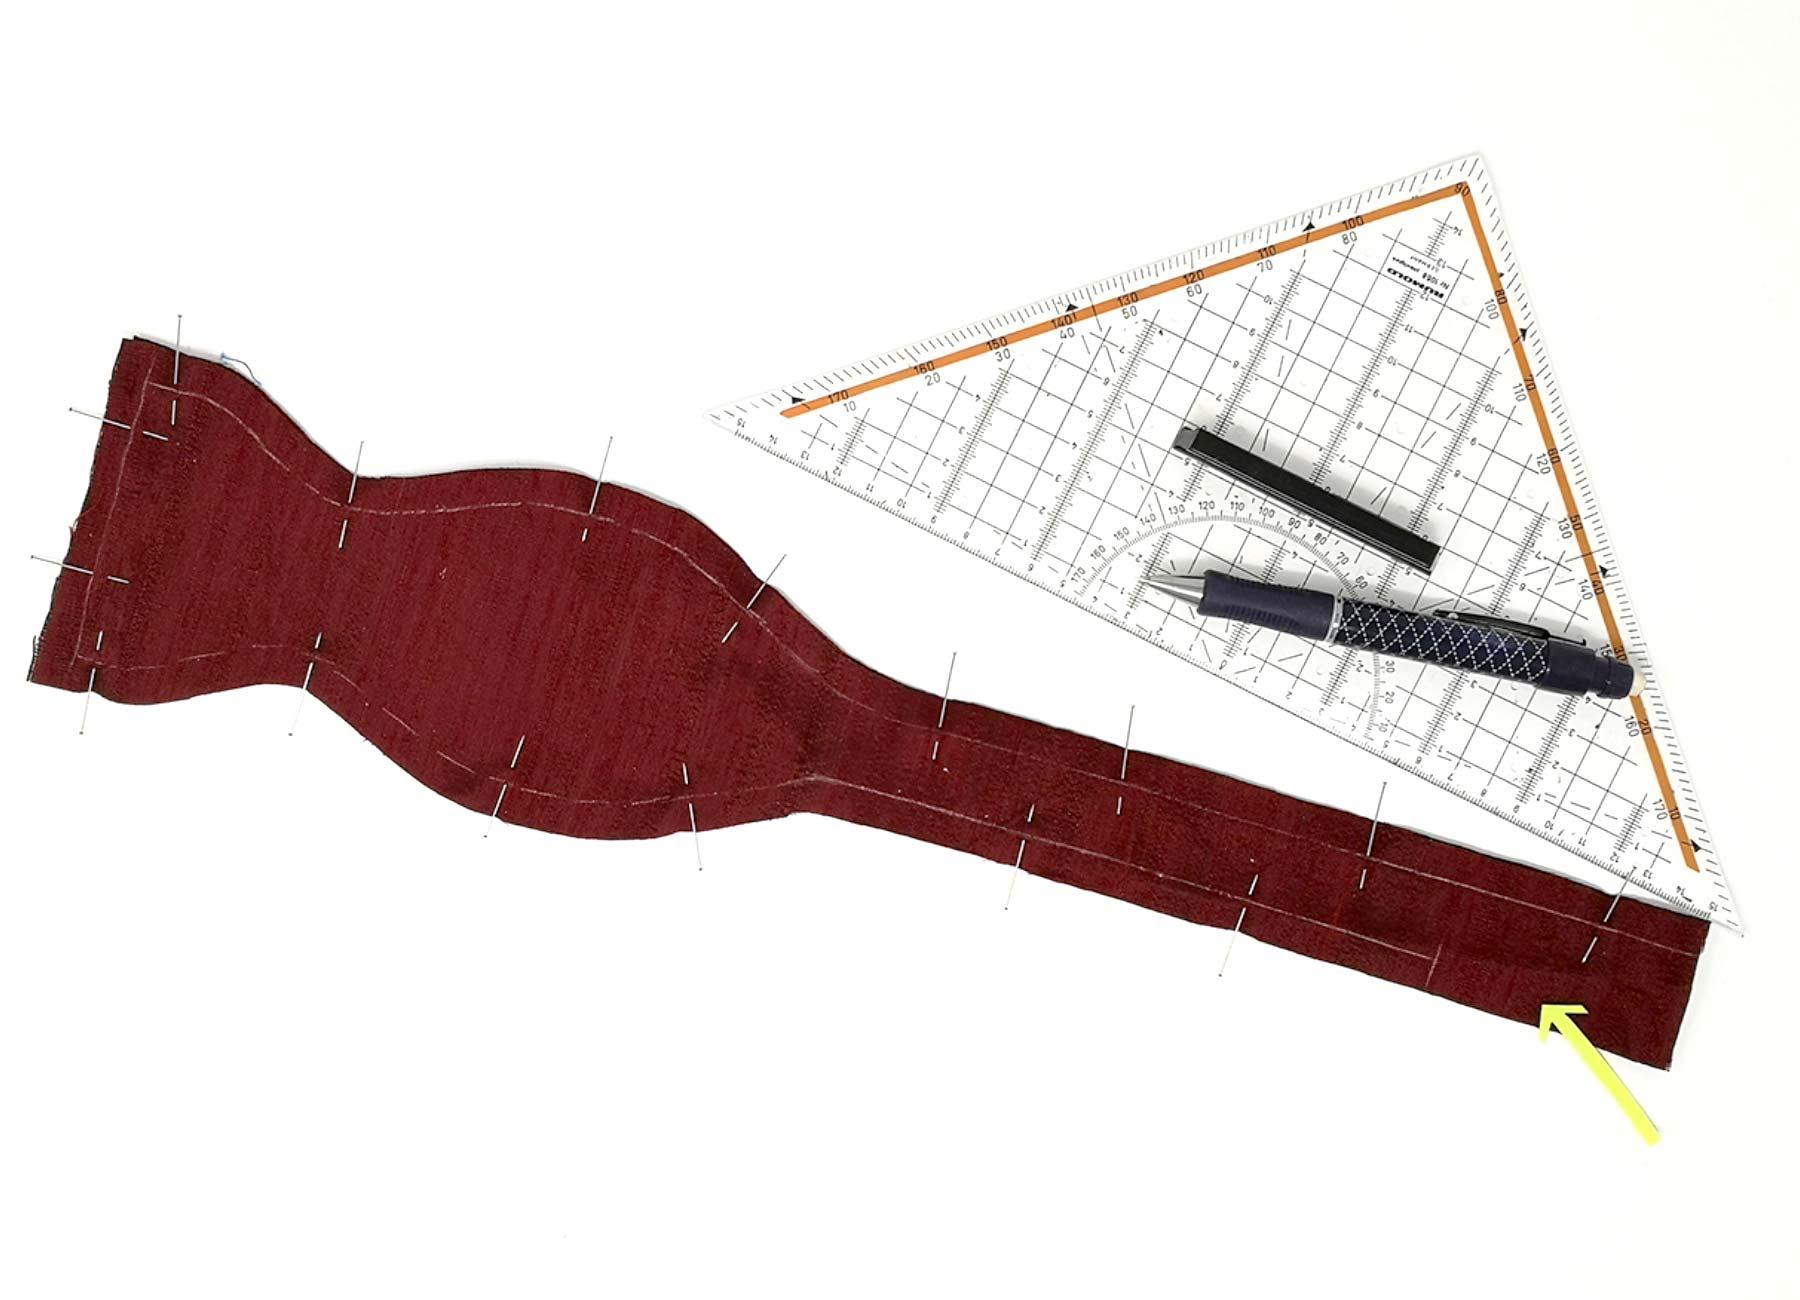 [Translate to Englisch:] Rotes Schnittteil für Fliege aus Wildseide, Geodreieck und Kugelschreiber